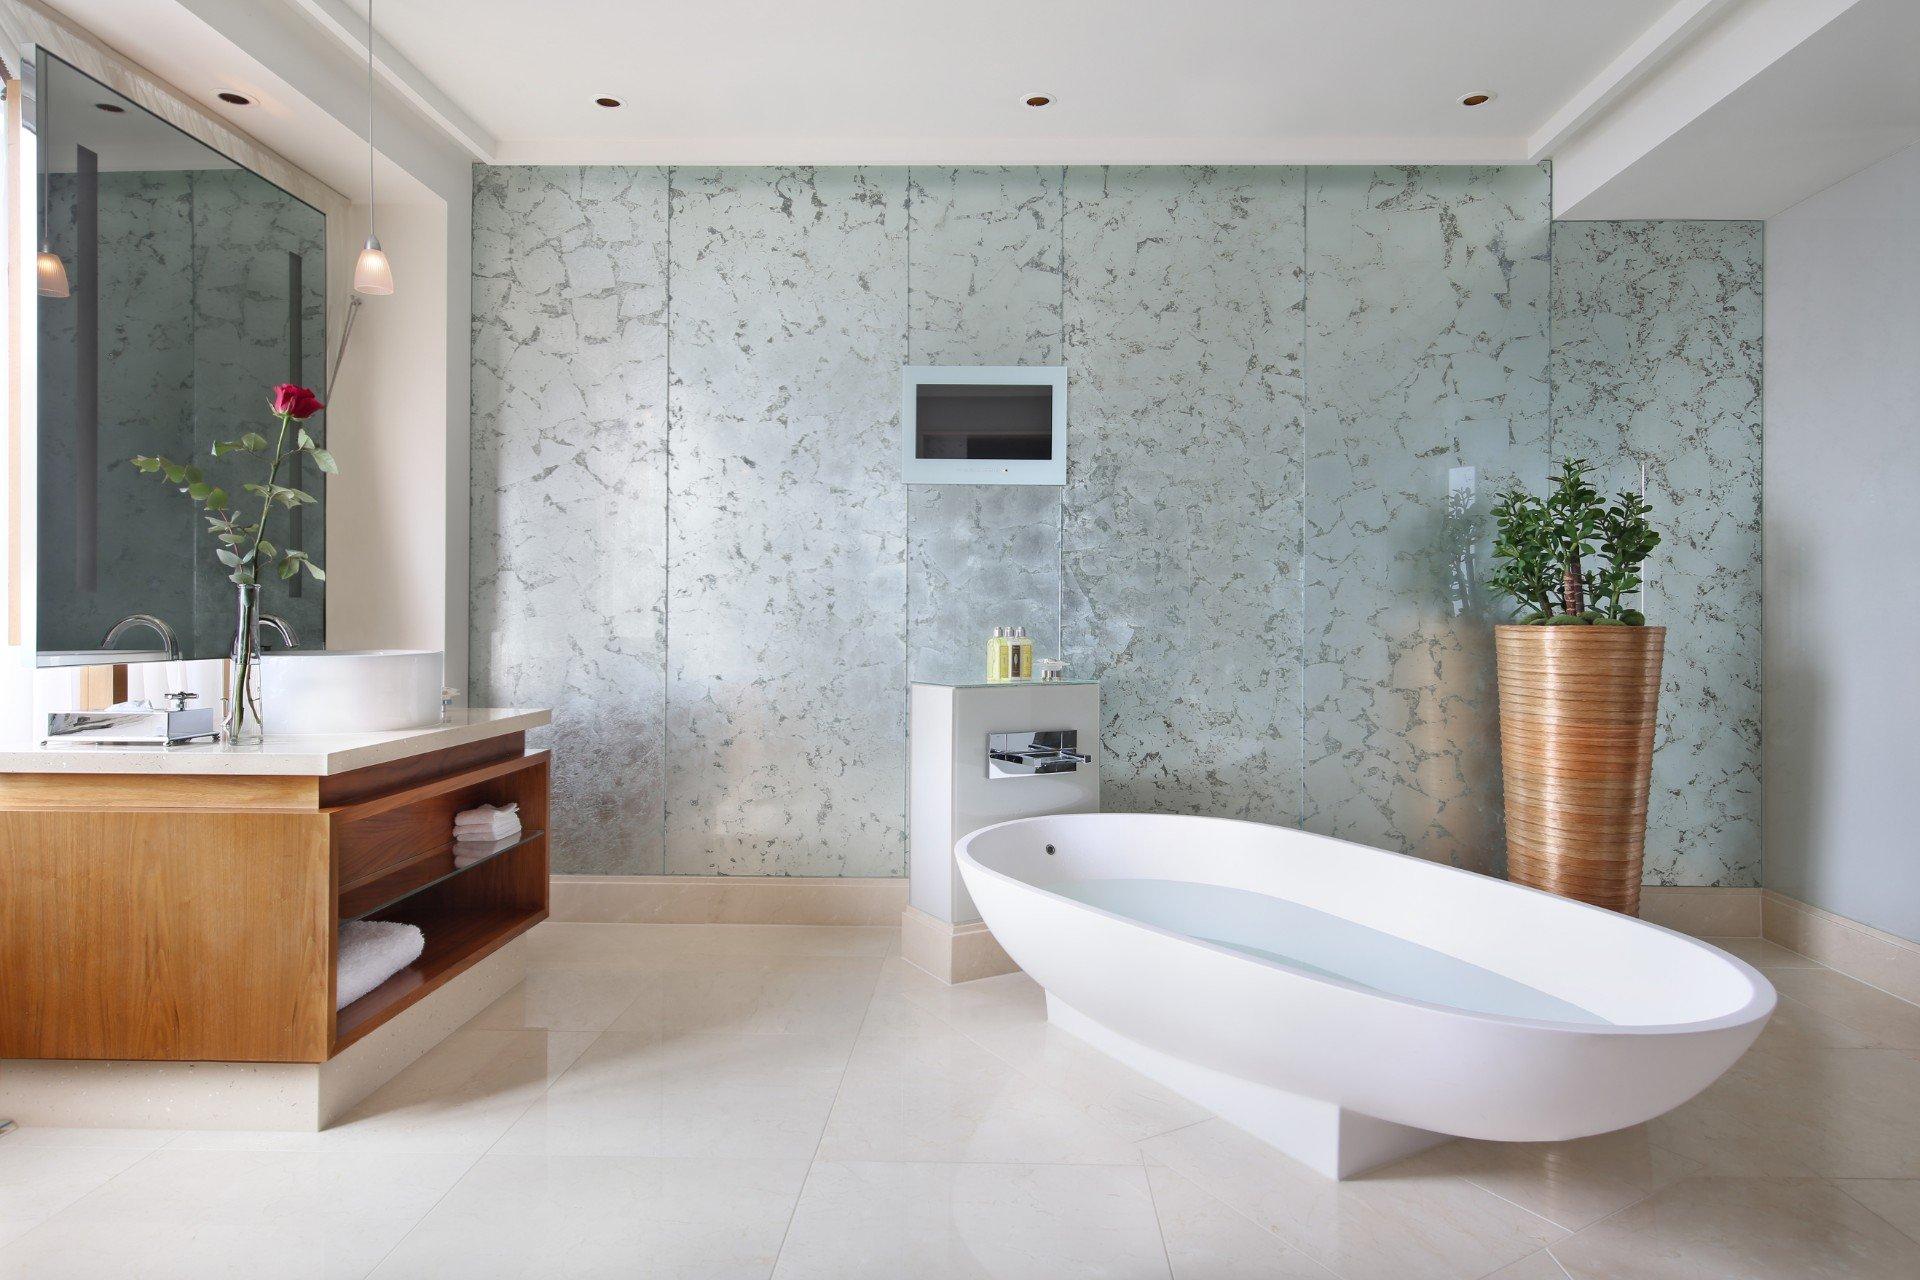 emperor-bathroom-the-imperial-suite-hotel-okura-amsterdam-1